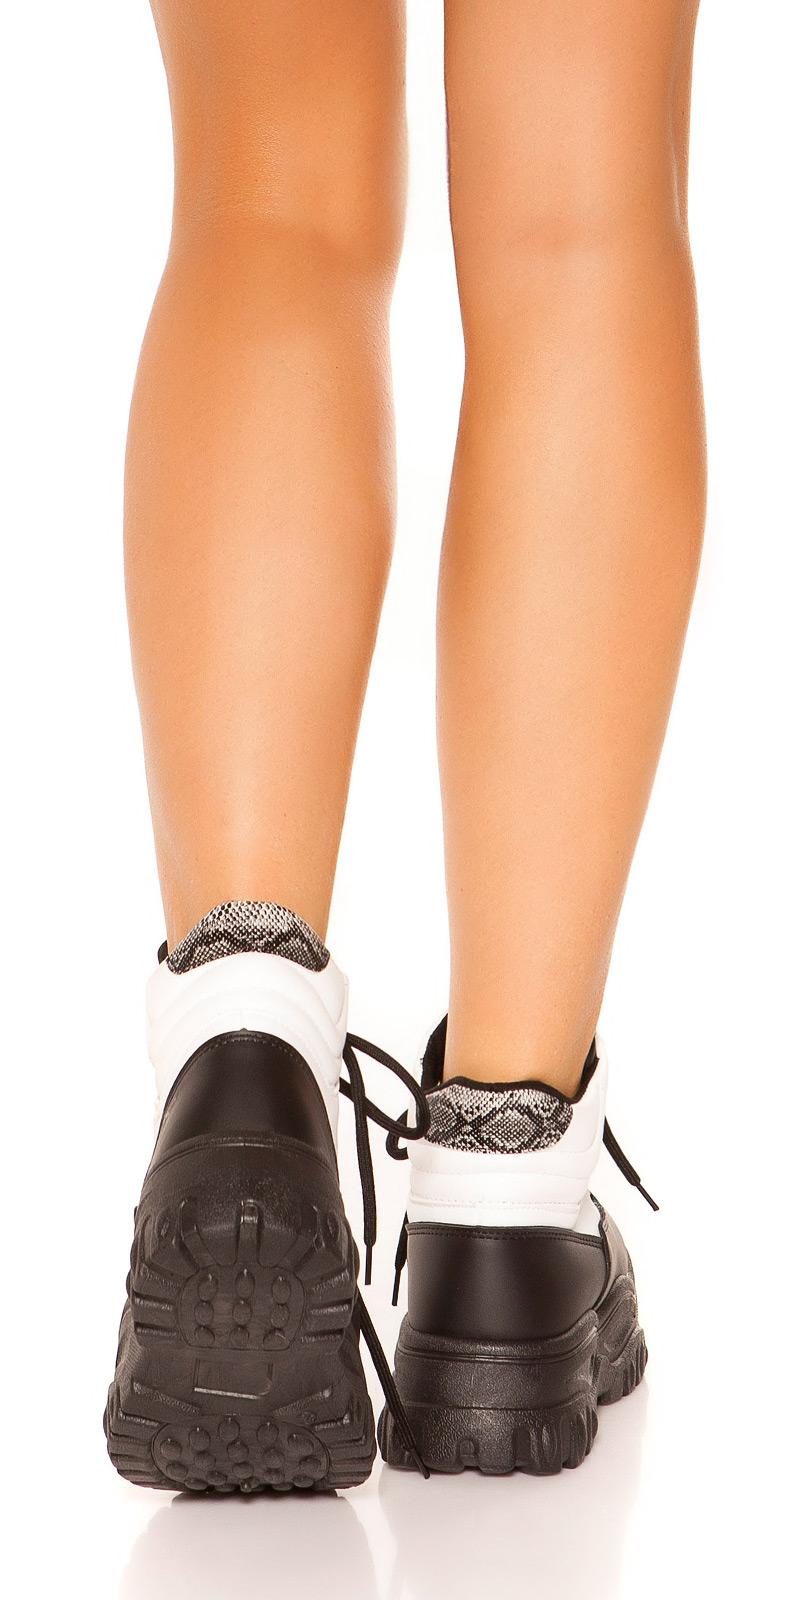 Adidasi cu platforma la moda